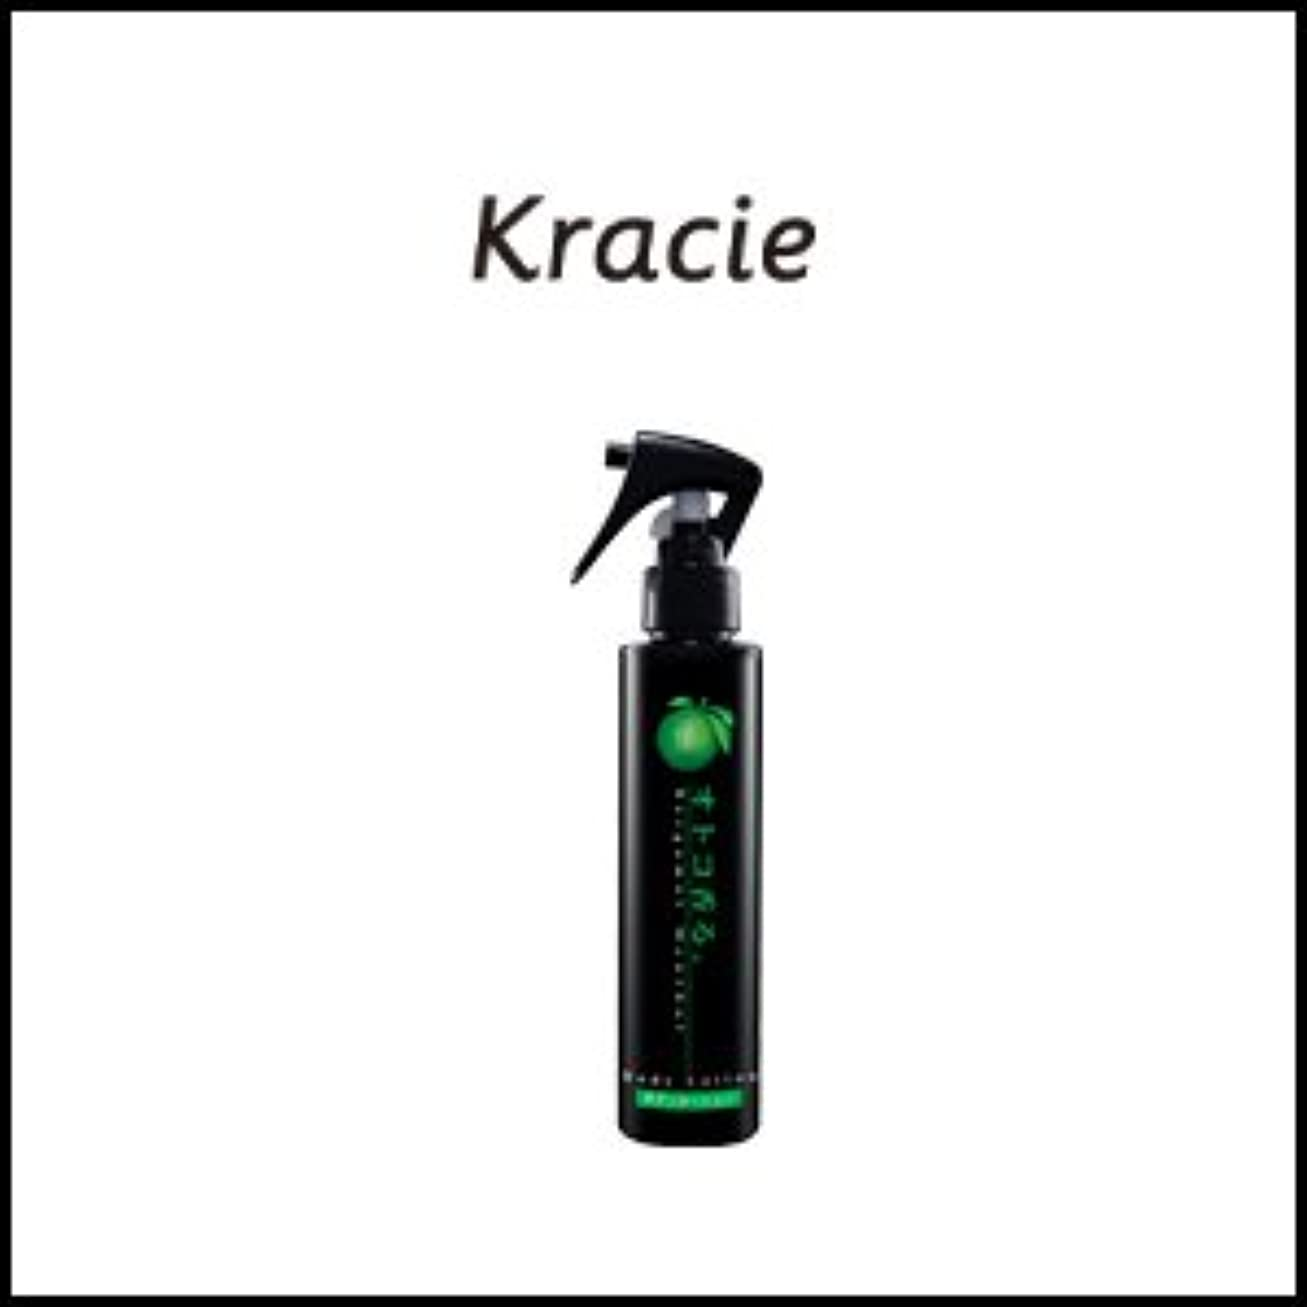 弾薬飲料収束する【X5個セット】 クラシエ オトコ香る ボディローション(ベルガモット) 150 容器入り